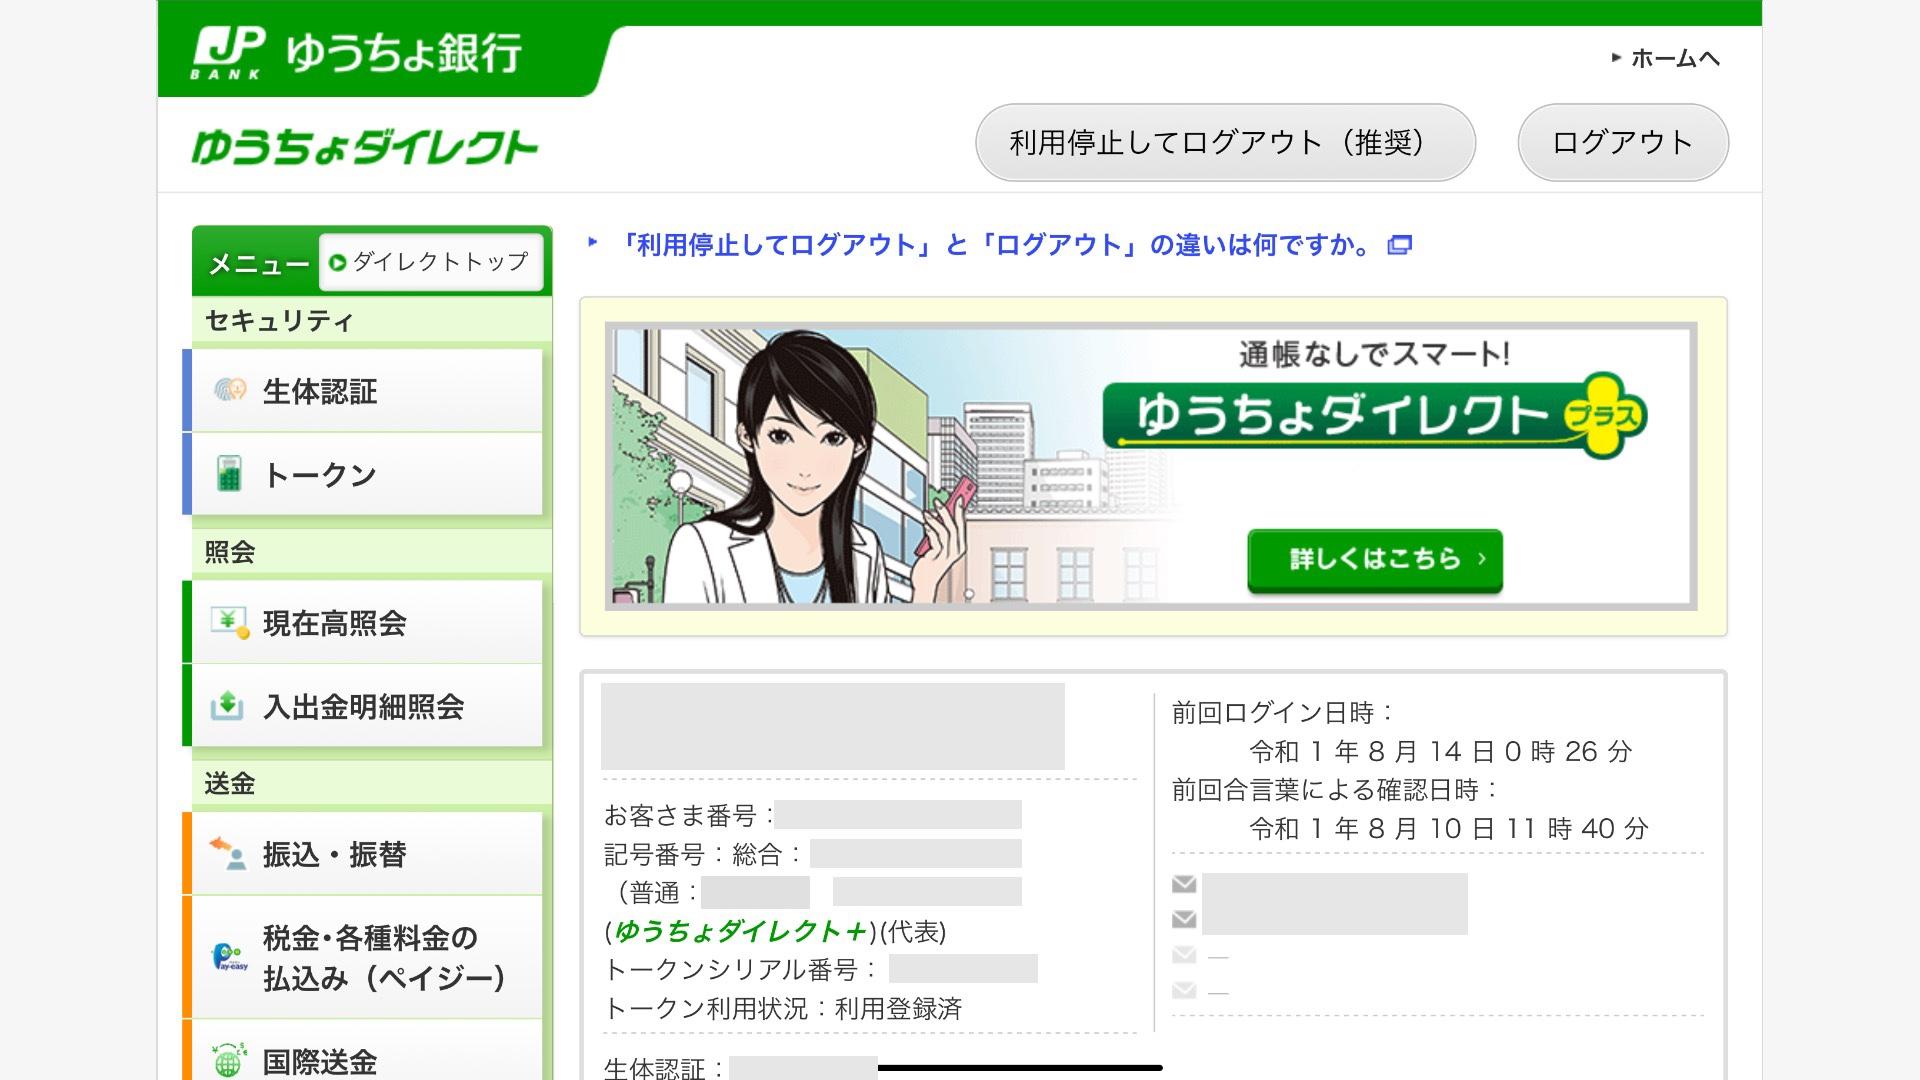 ゆうちょ通帳アプリ 認証アプリ 違い